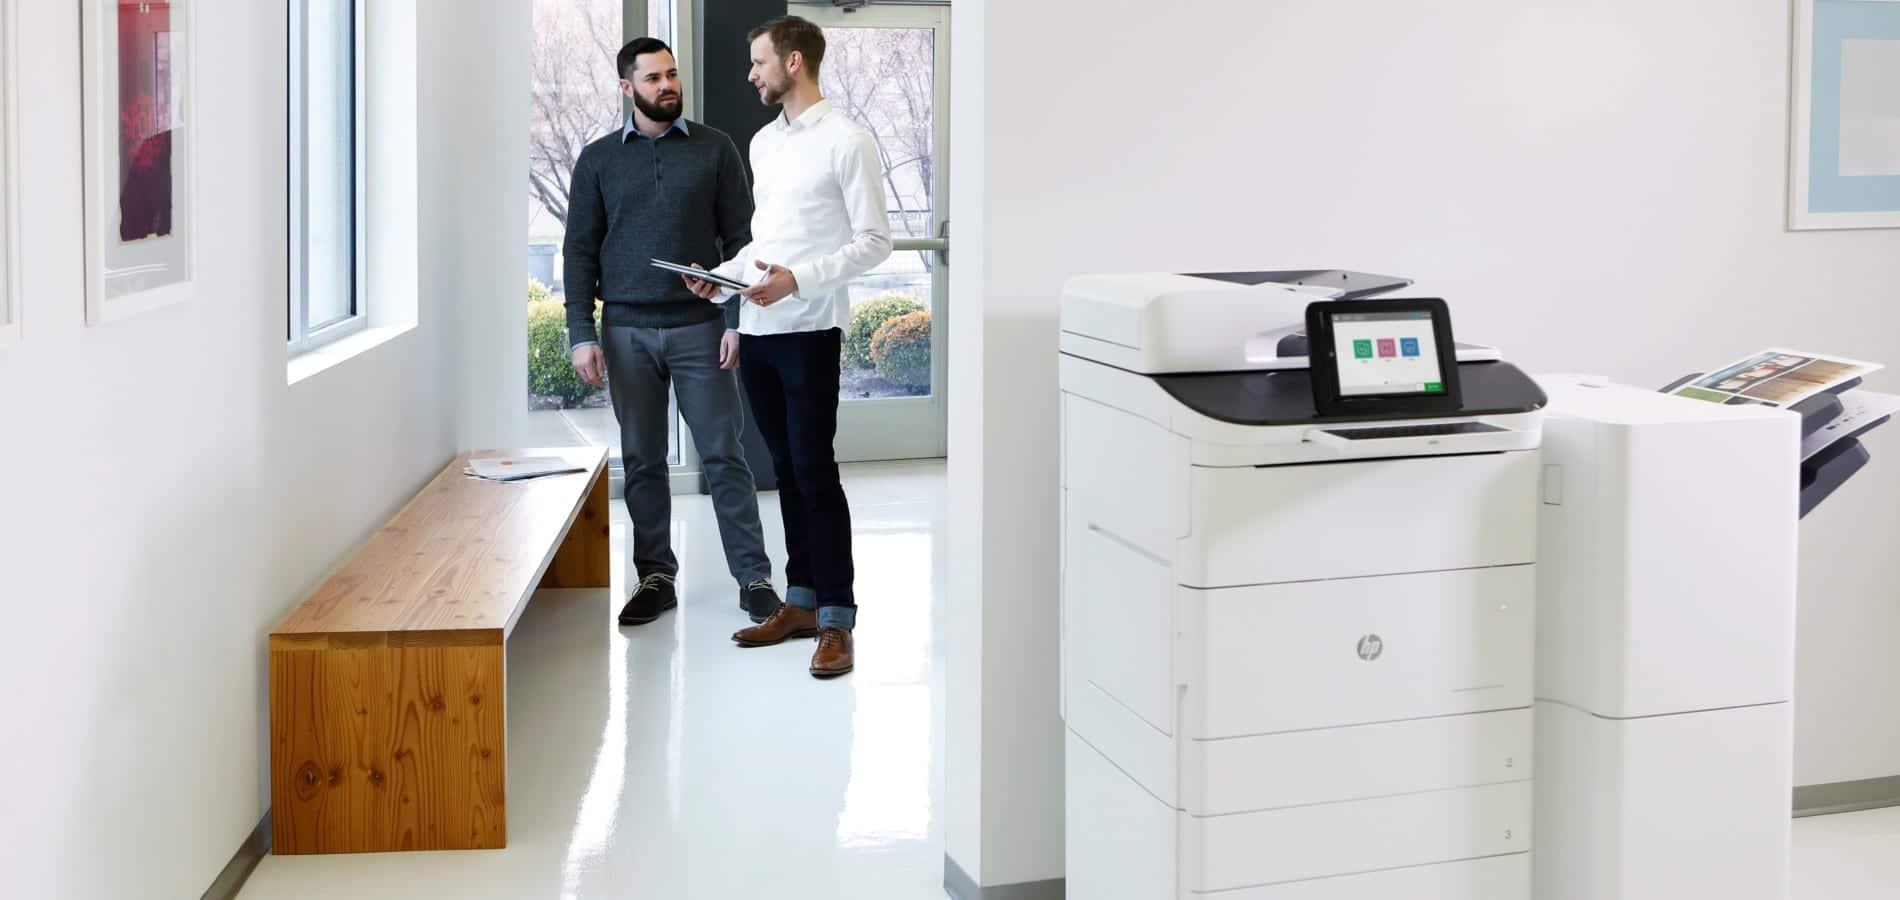 HP Tintenstrahldrucker sind als Drucker oder Kopierer in DIN A3 oder DIN A4 erhältlich